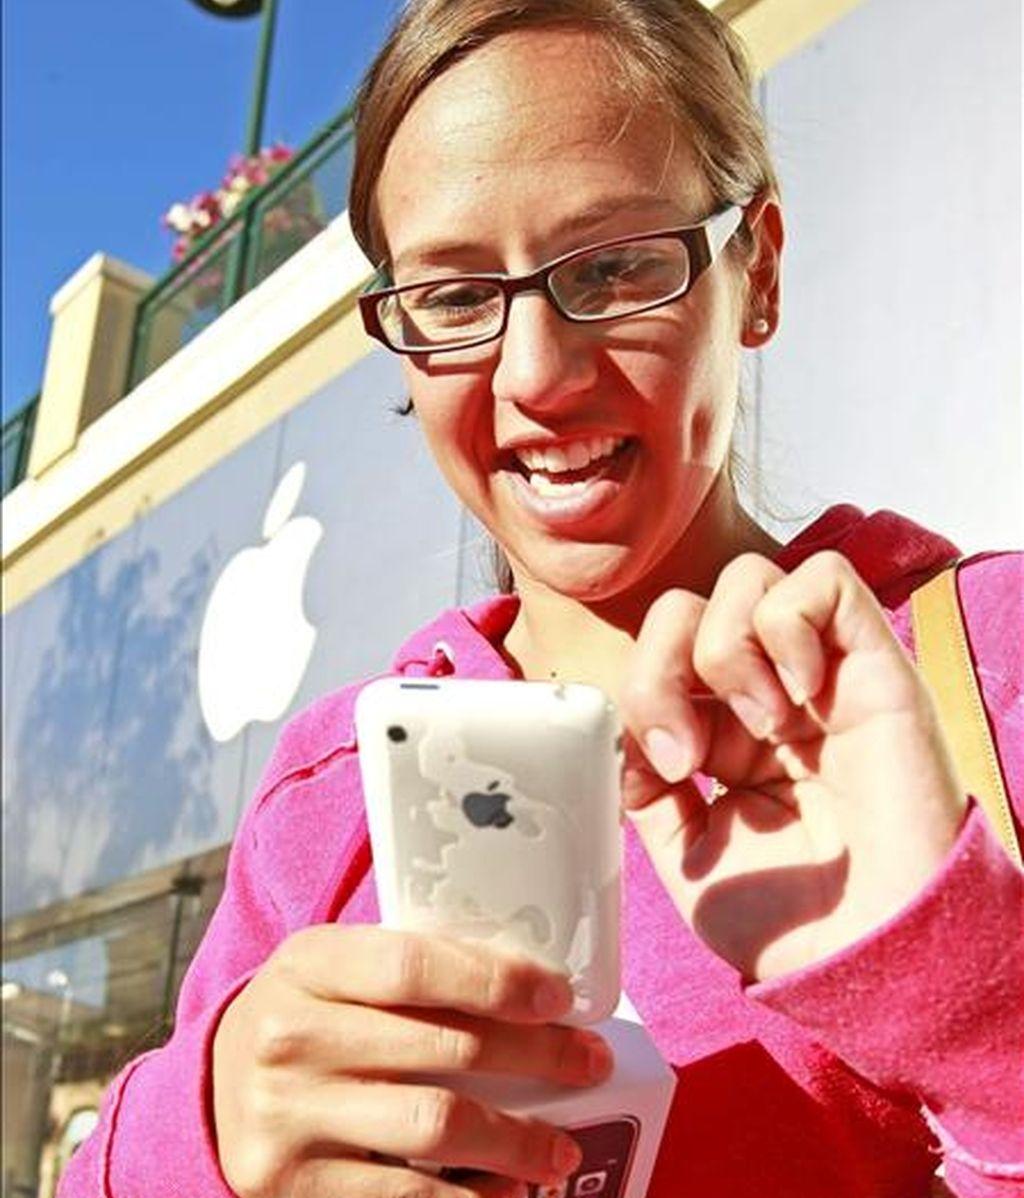 El iPhone 3G S, la última versión del móvil de Apple, sale a la venta en ocho países y es más rápido que sus predecesores con novedades como cámara de vídeo y la ansiada función de cortar y pegar. EFE